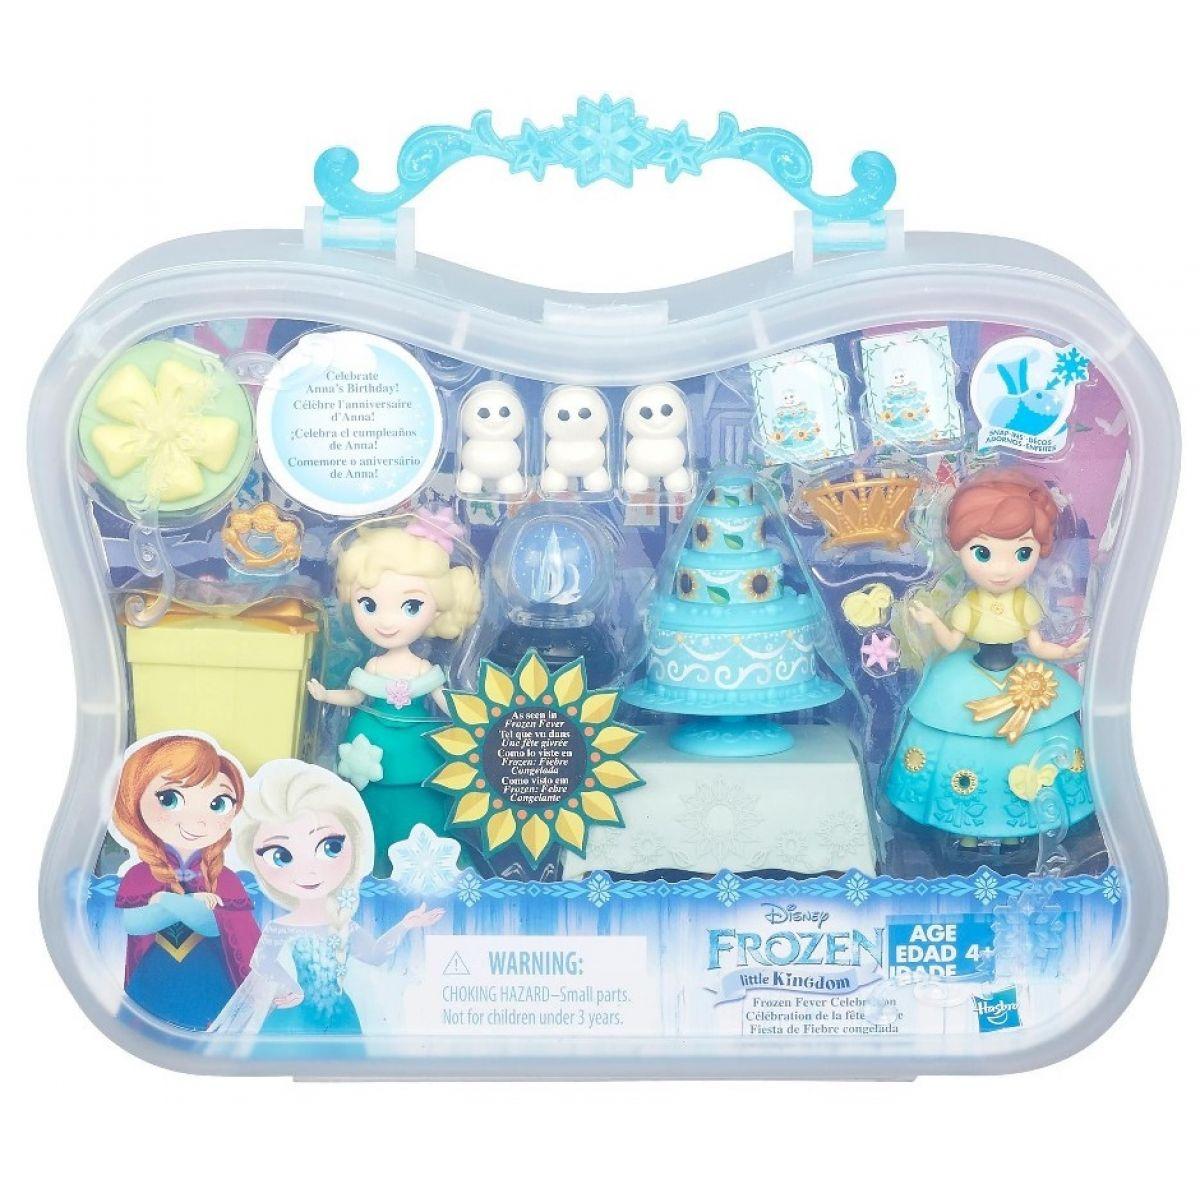 Hasbro Disney Frozen Little Kingdom Set malé panenky s příslušenstvím - Frozen Fever Celebration #2